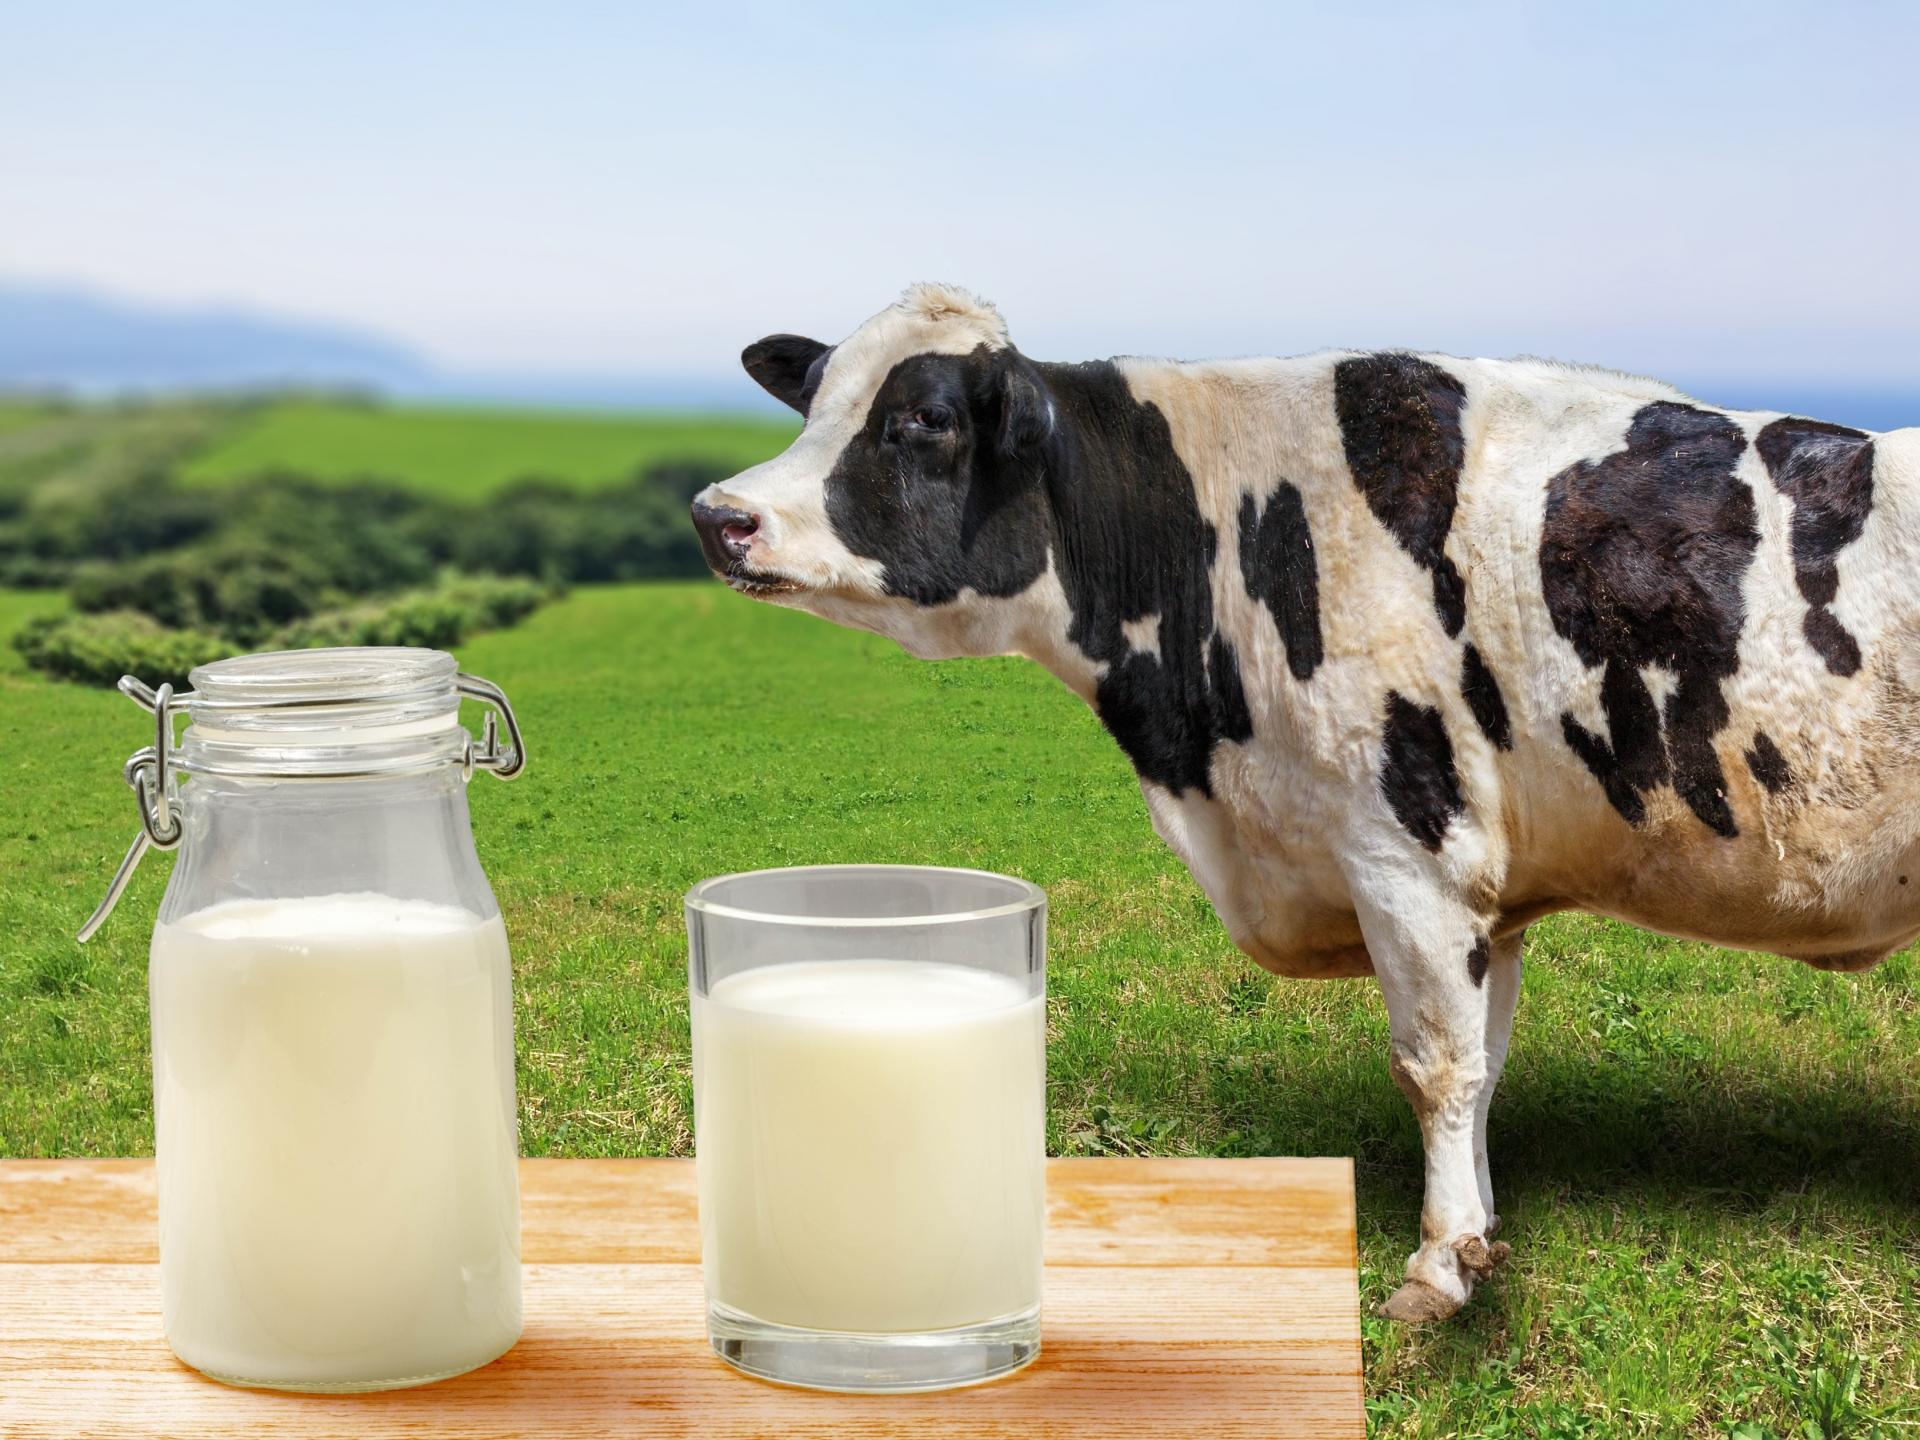 乳製品と乳がんの関係